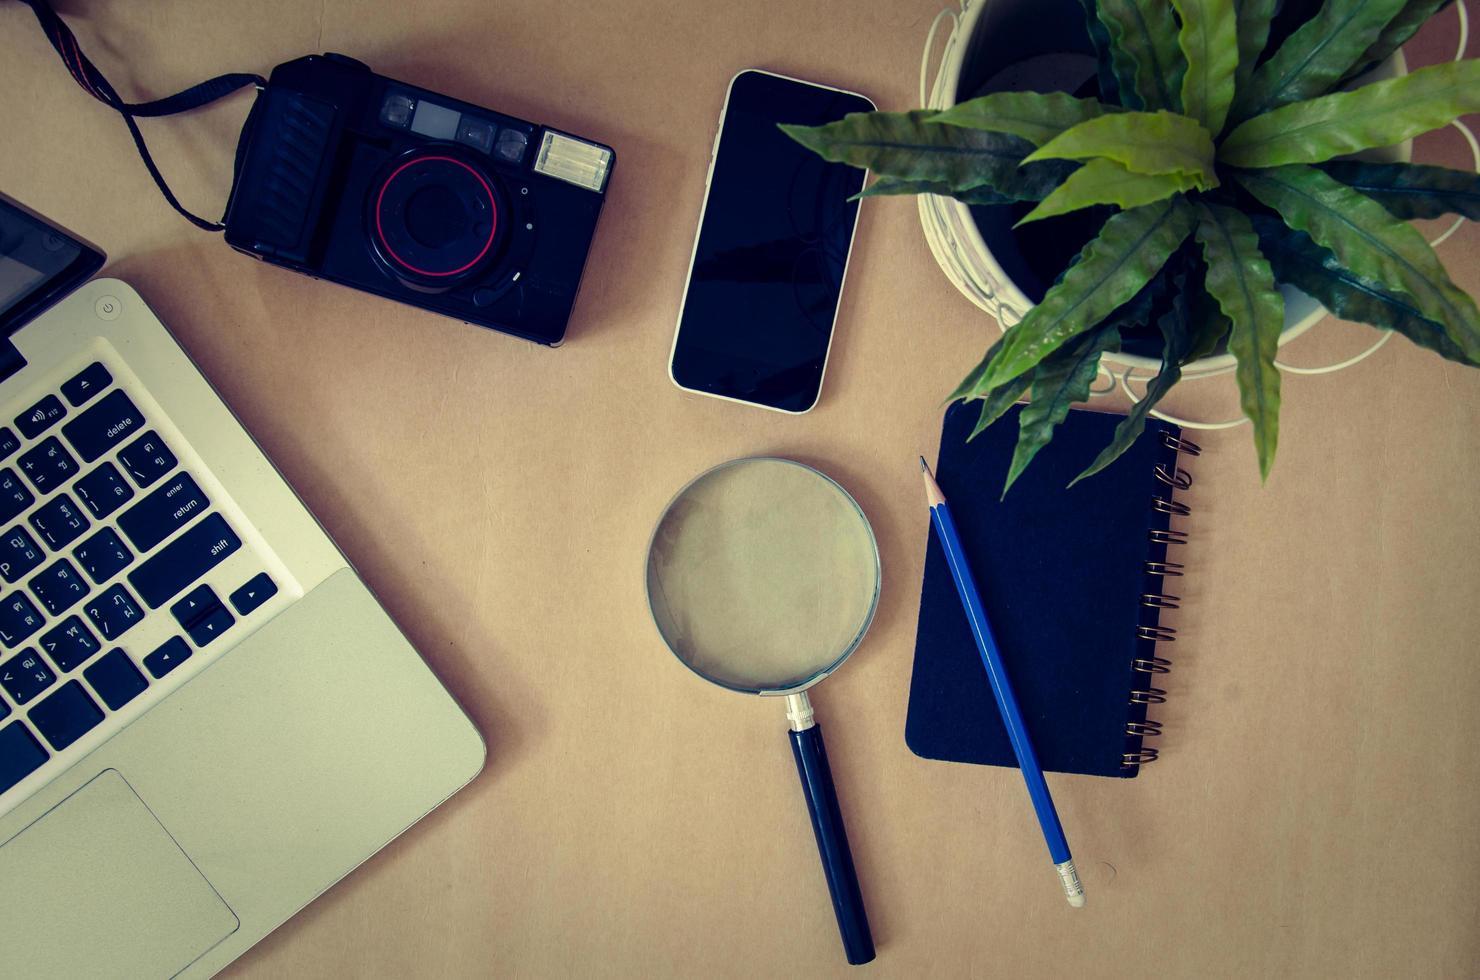 Lupe, Kamera und Telefon auf einem Schreibtisch foto